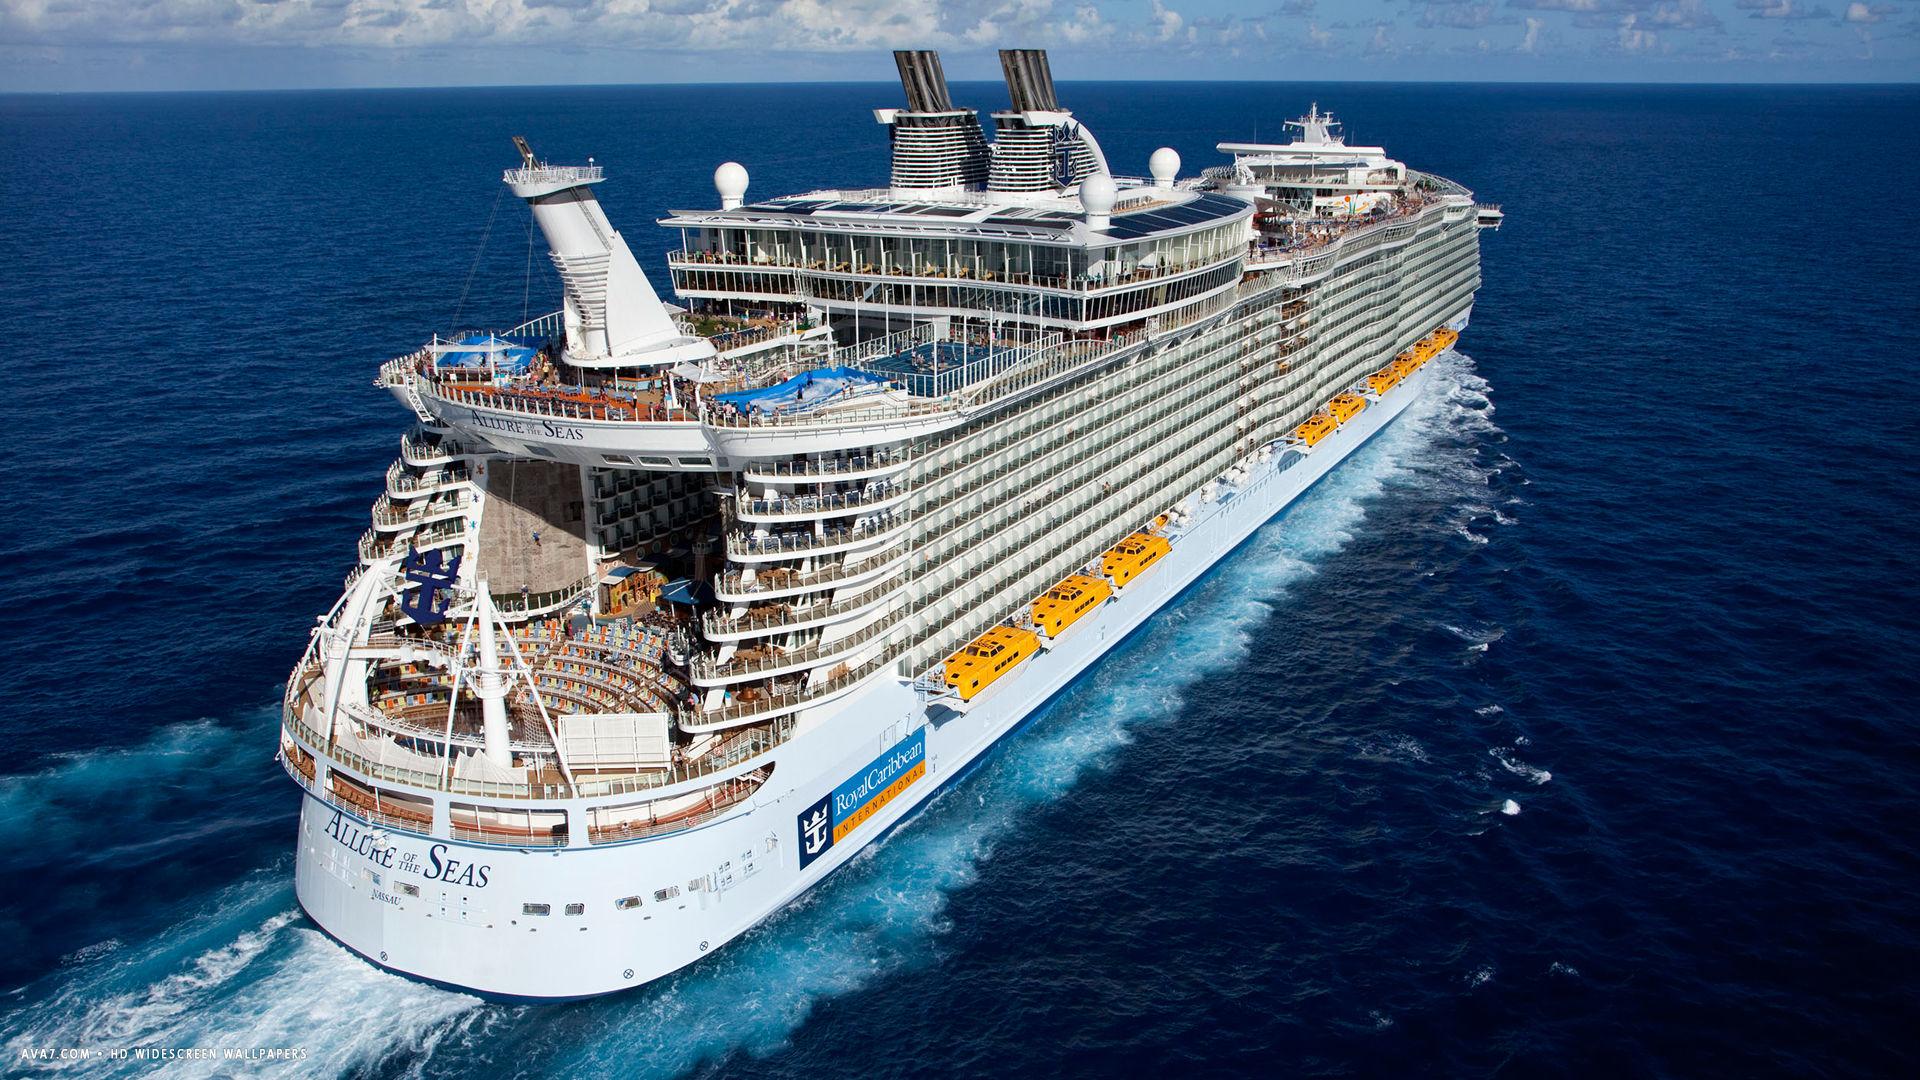 seas cruise ship hd widescreen wallpaper cruise ships backgrounds 1920x1080